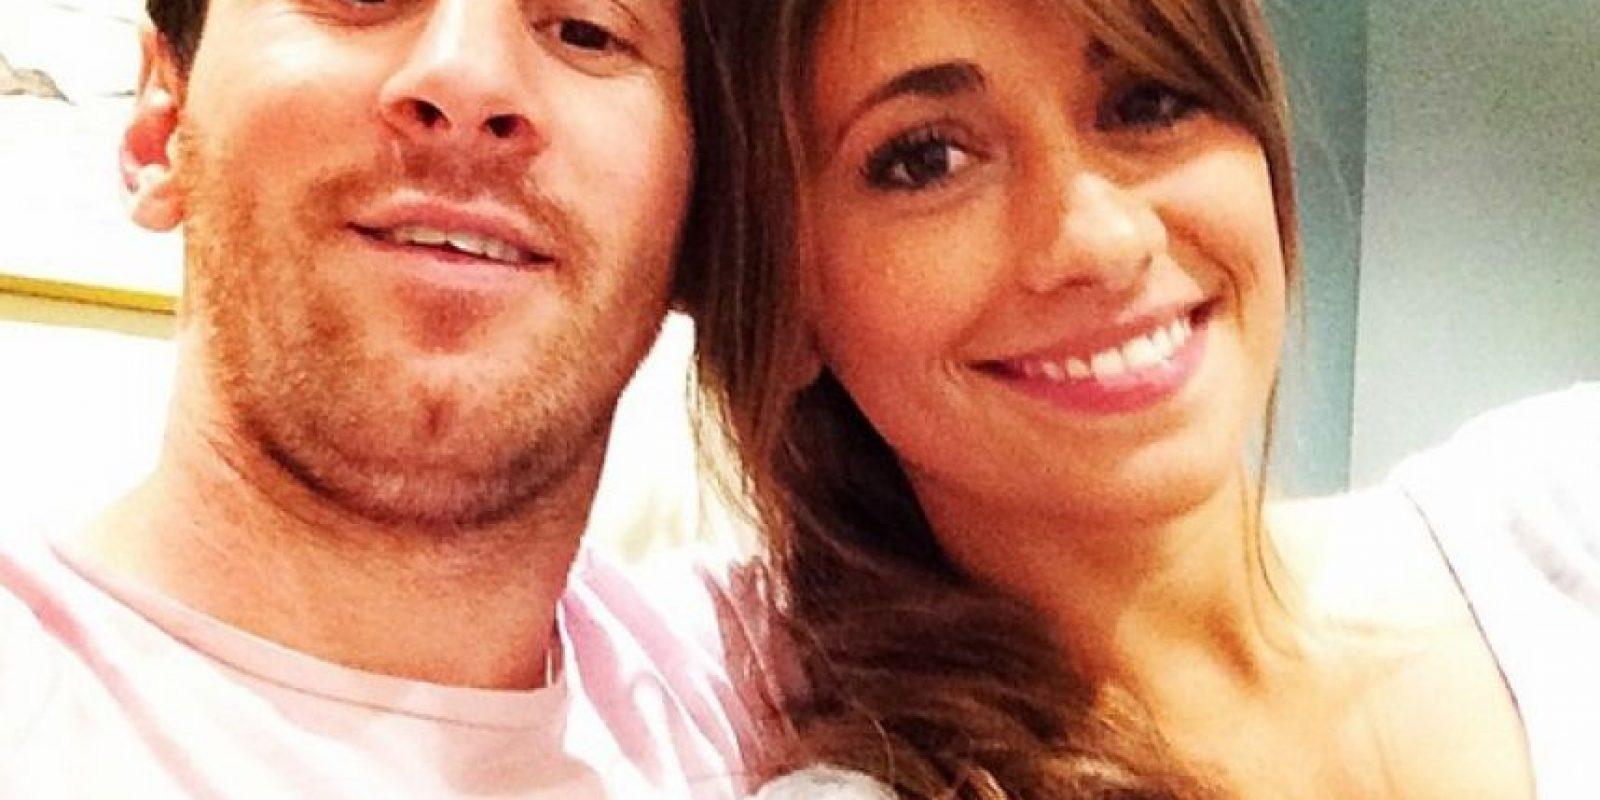 """La confirmación """"oficial"""" se dio en 2009, cuando ambos fueron captados en Barcelona tomados de la mano. Foto:Vía instagram.com/antoroccuzzo88"""